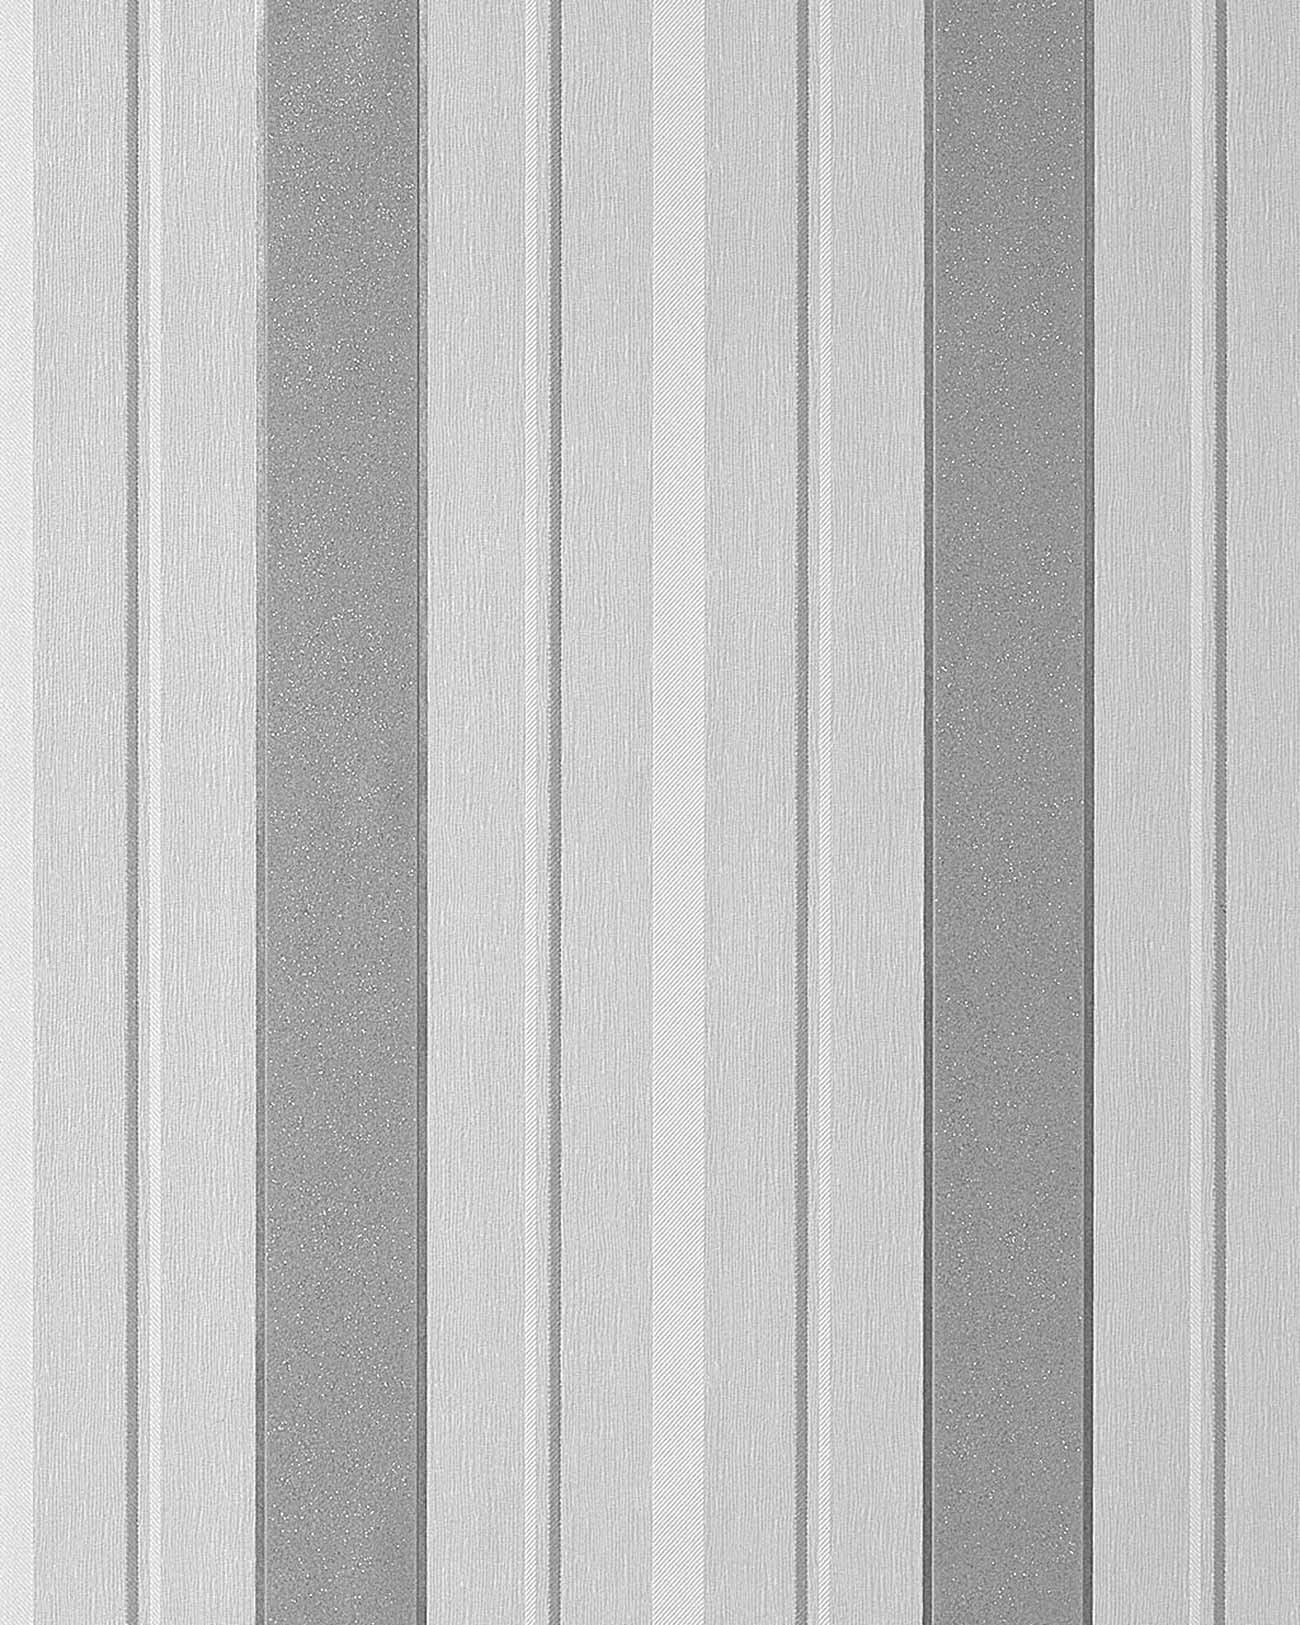 Papier peint ray en relief dessin rtro EDEM 069 26 rayures gris 1300x1625